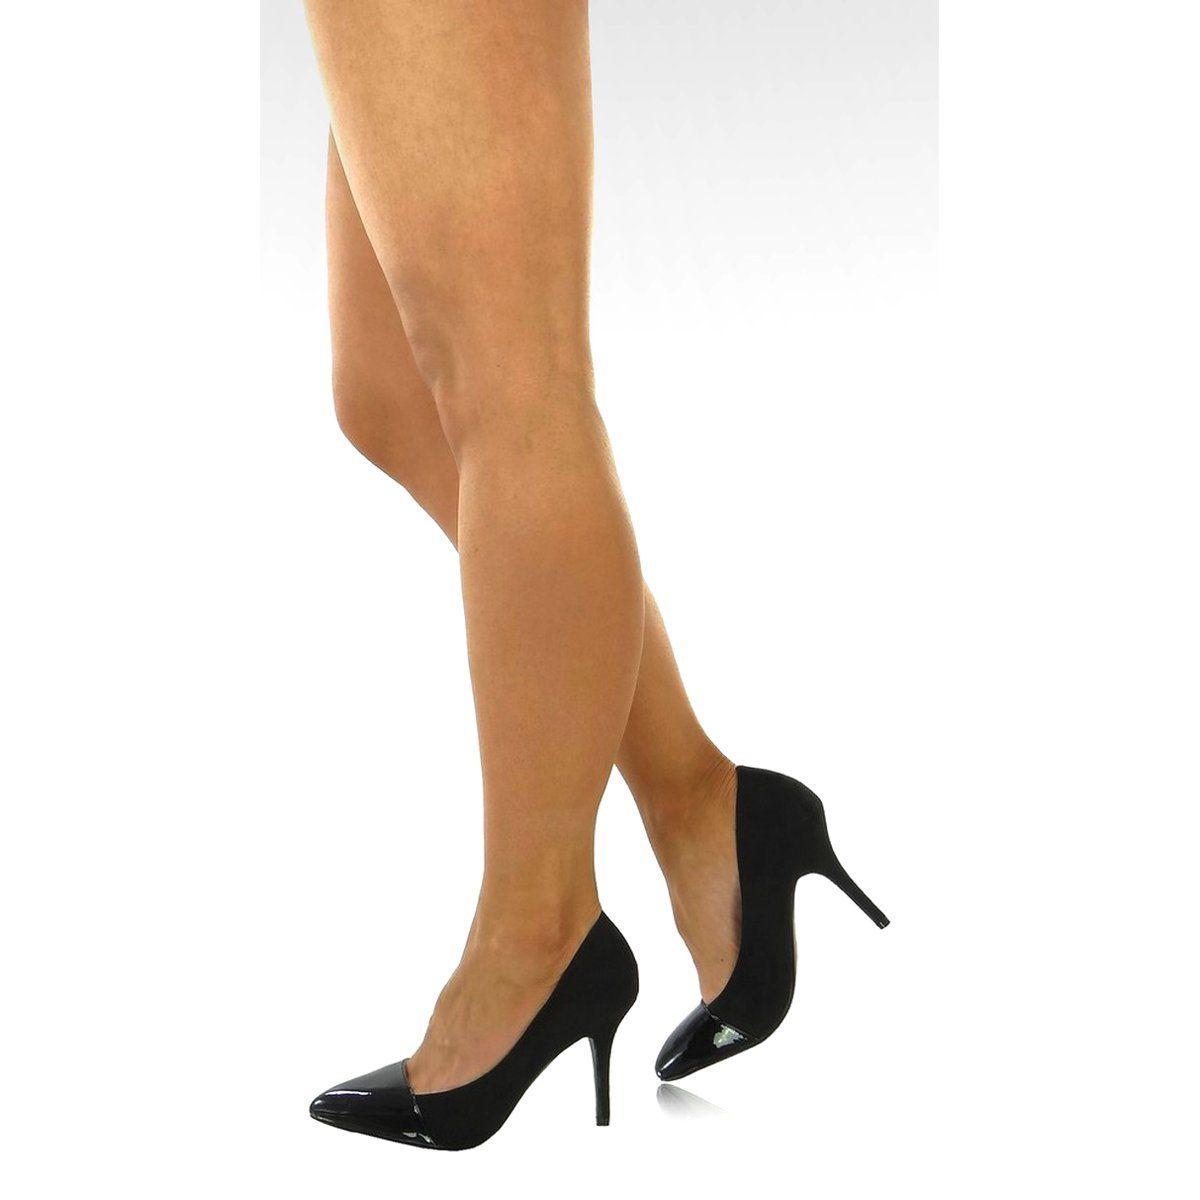 Szpilki Eleganckie 898 25 Es 1 Czarne Stiletto Heels Stiletto Heels